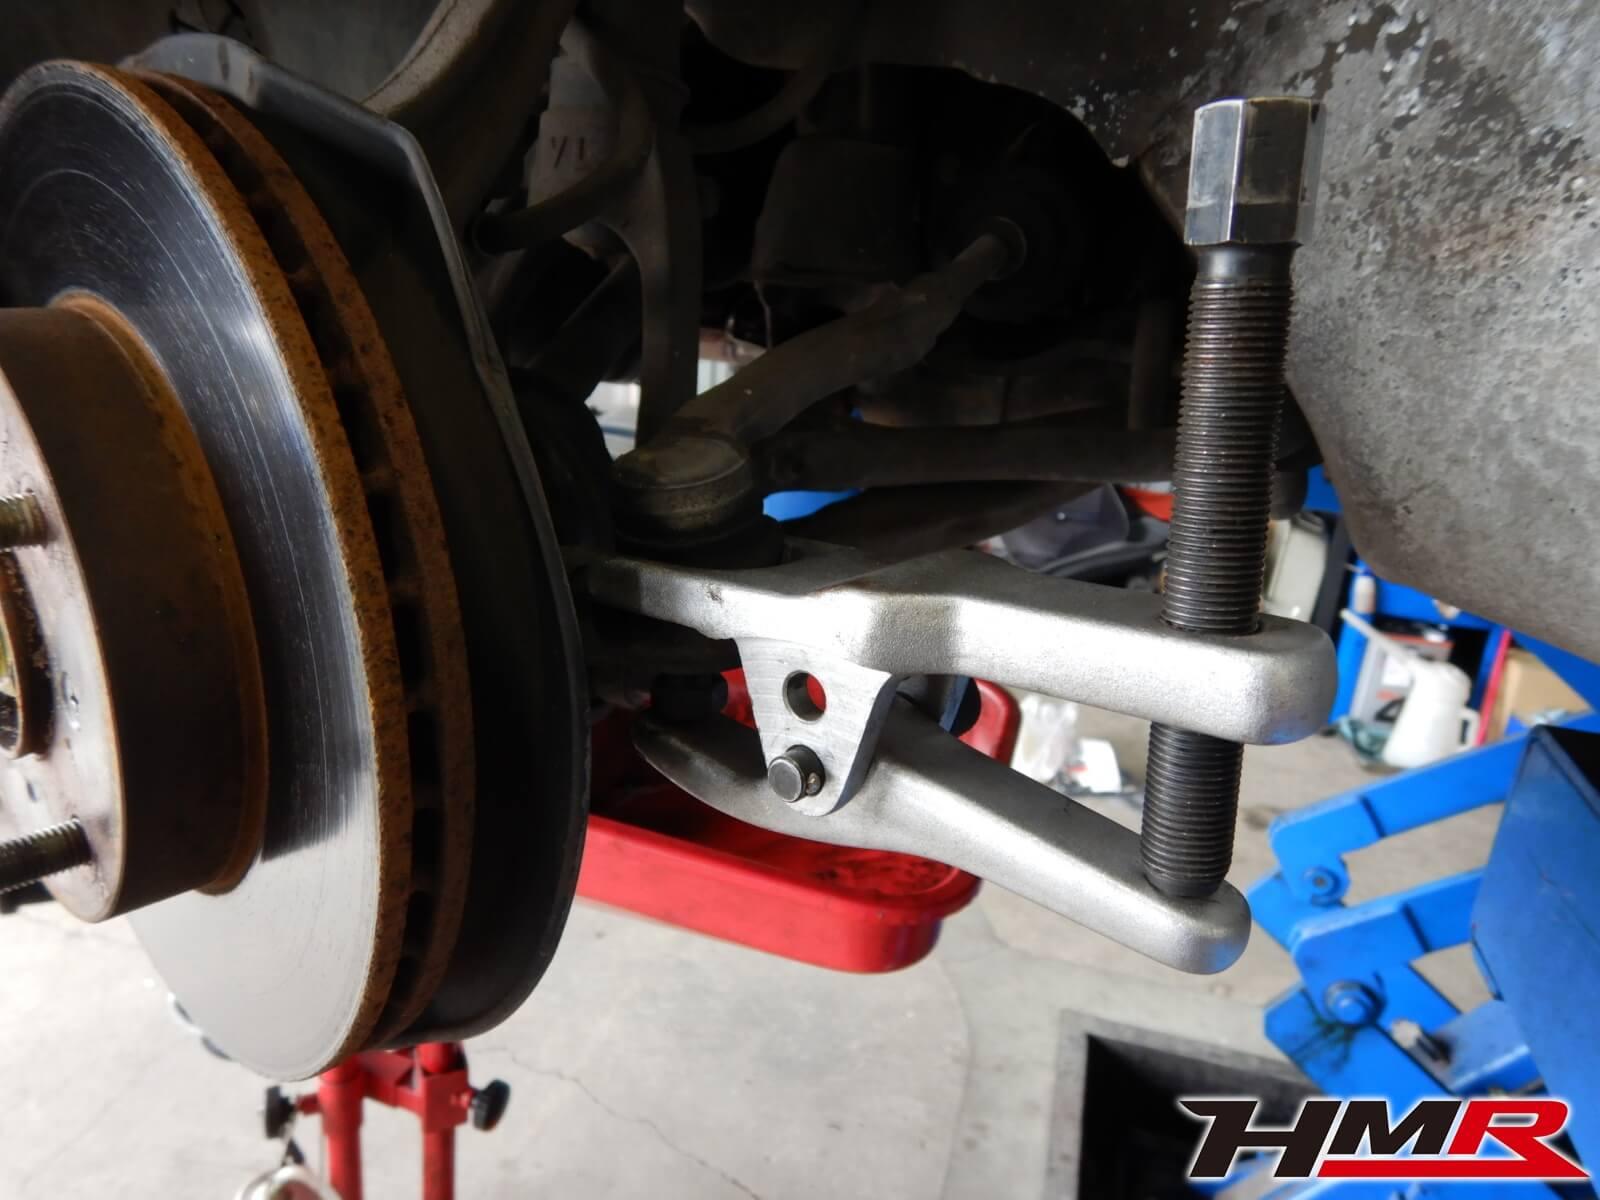 インテグラタイプR DB8 オイルパン オイル漏れ ブレーキ固着 タイロッドエンドブーツ